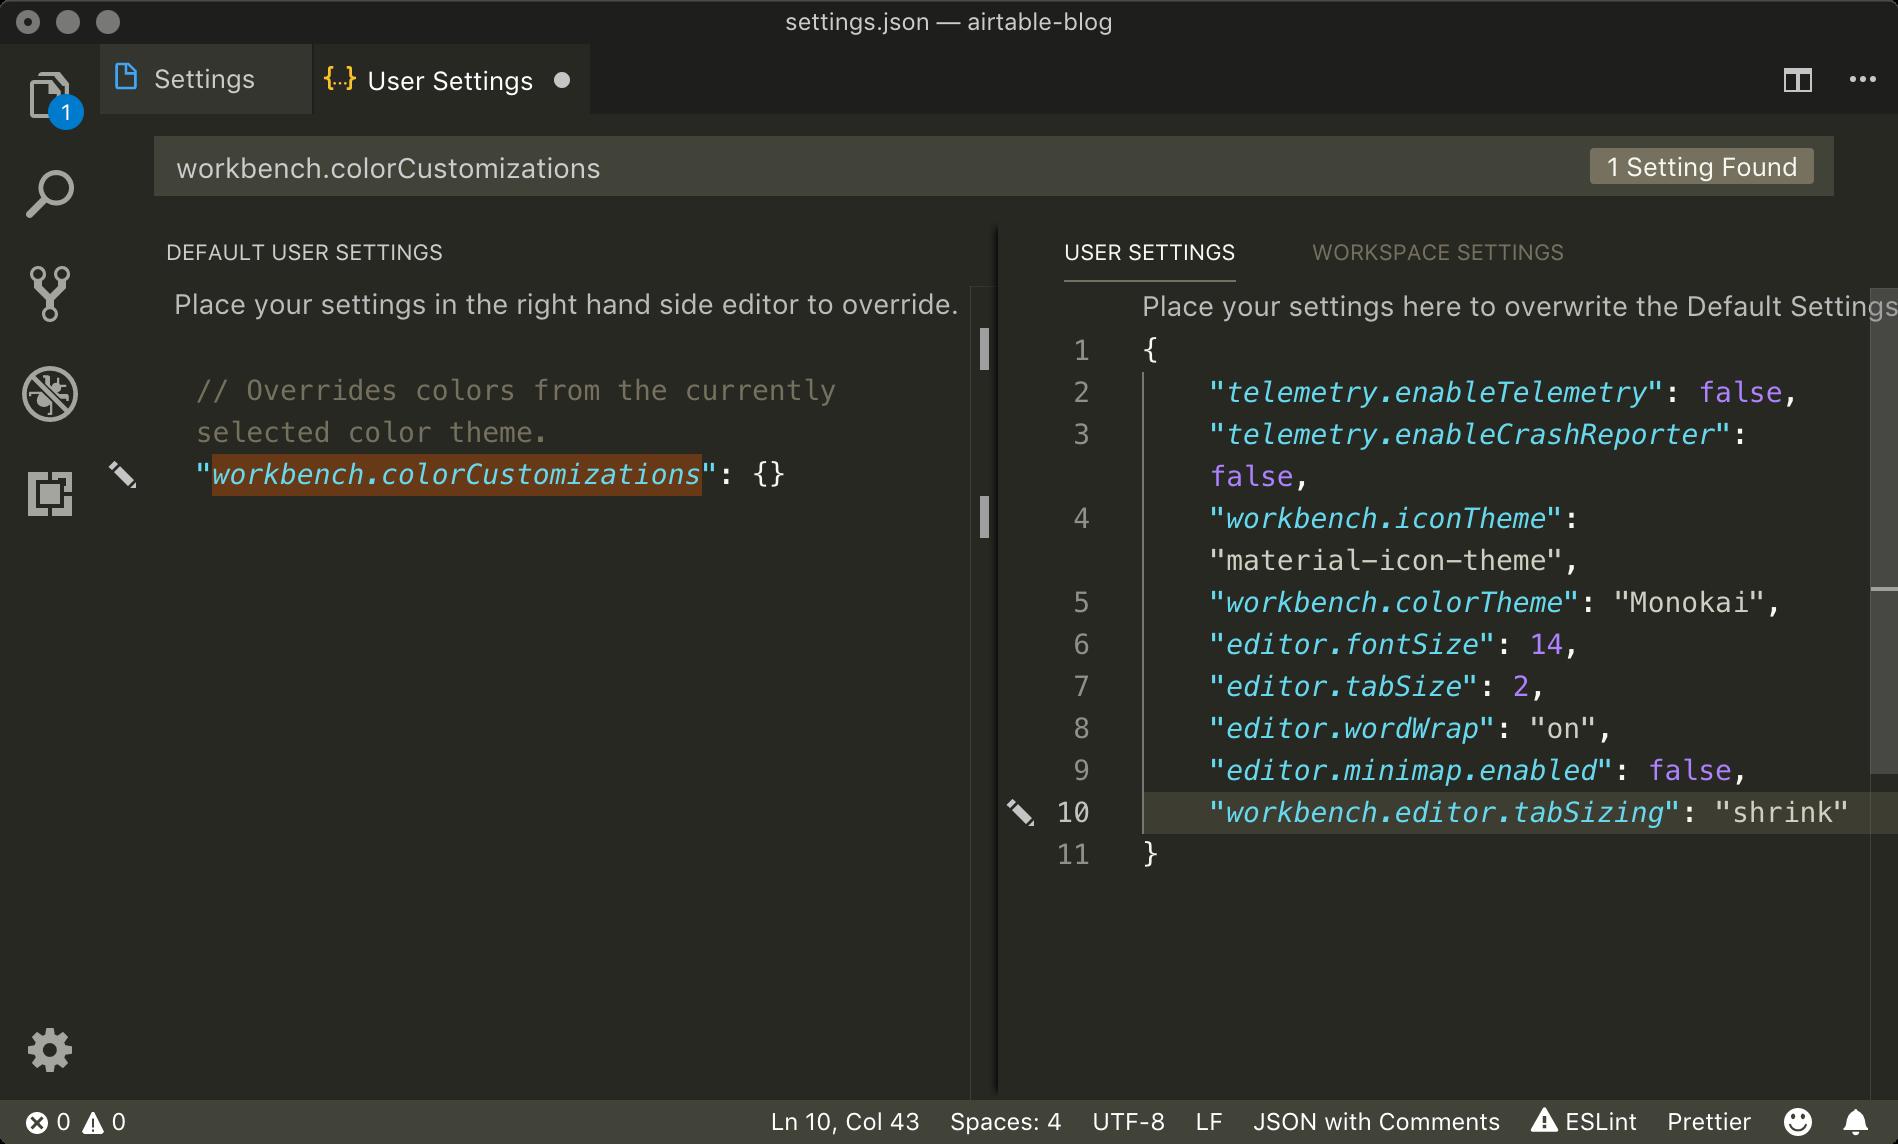 VSCodeのユーザ設定(settings.json)の編集画面